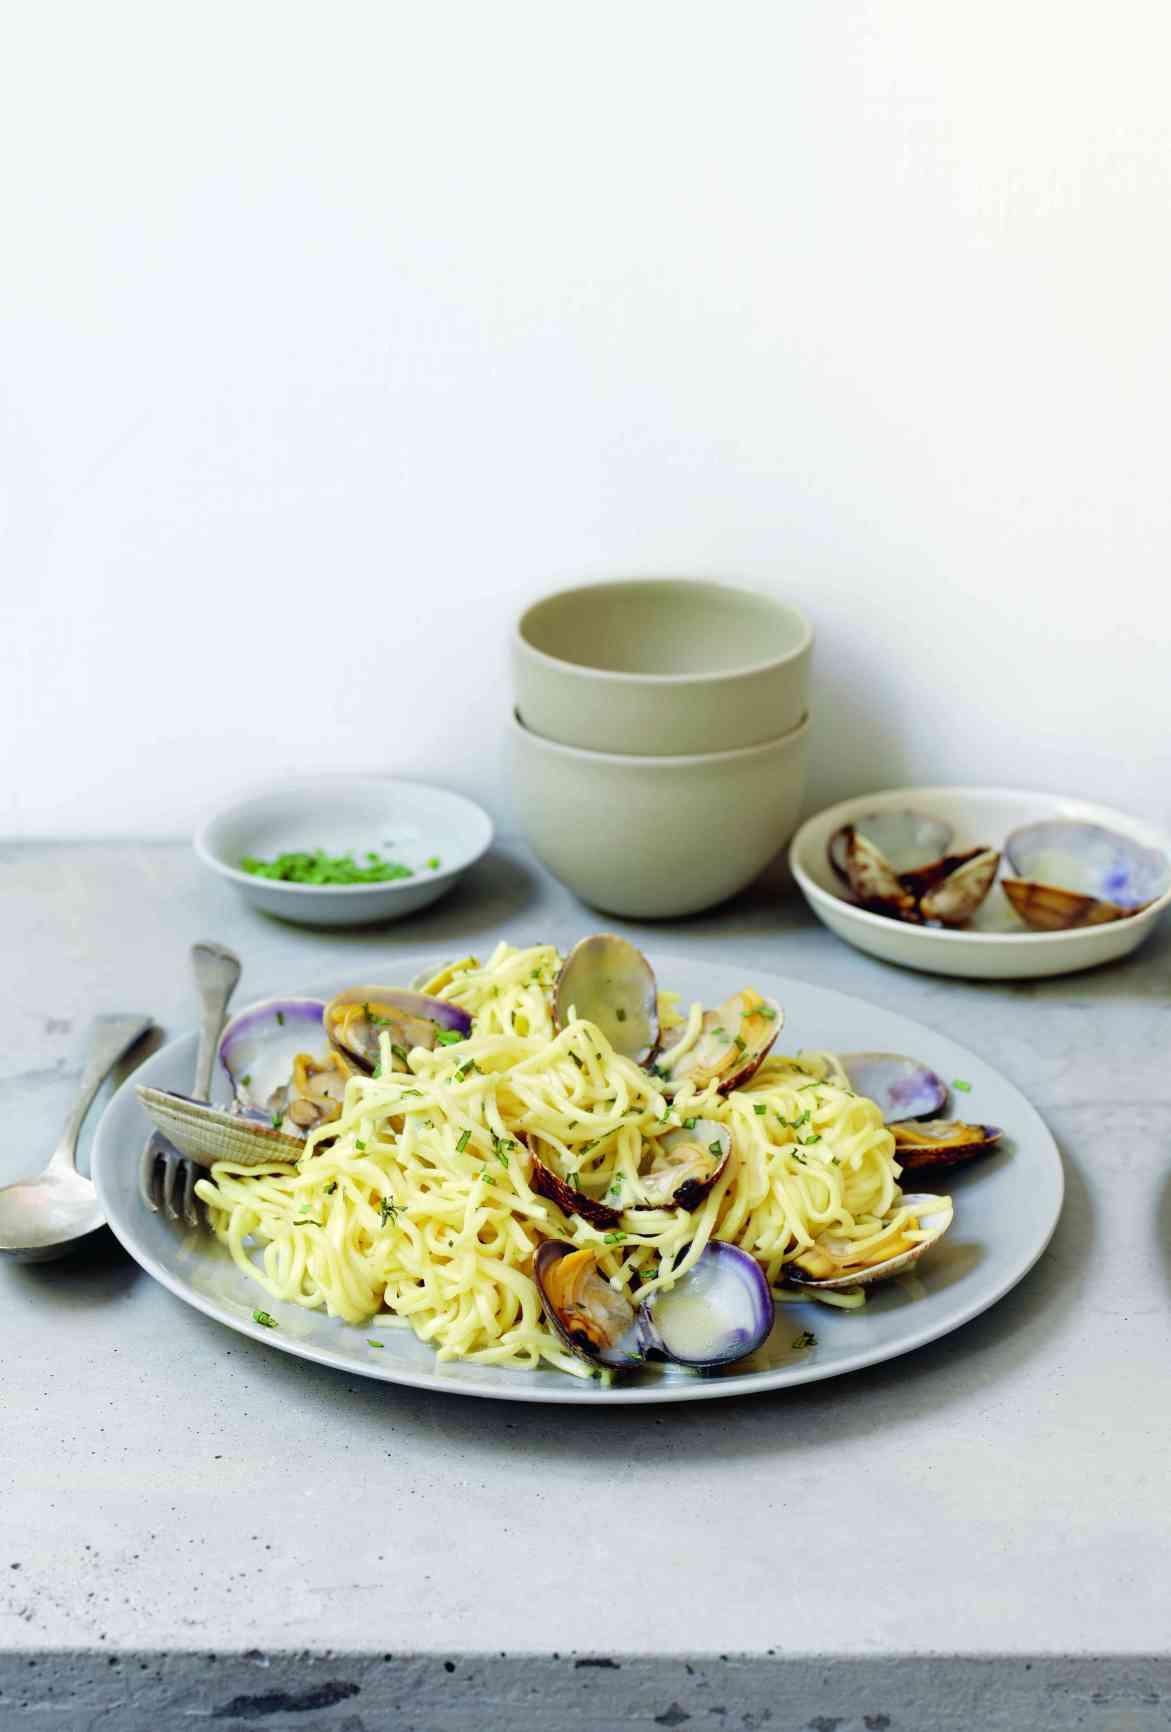 Spaghetti mit Venusmuscheln, Fotografie © Deirdre Rooney, AT Verlag / www.at-verlag.ch